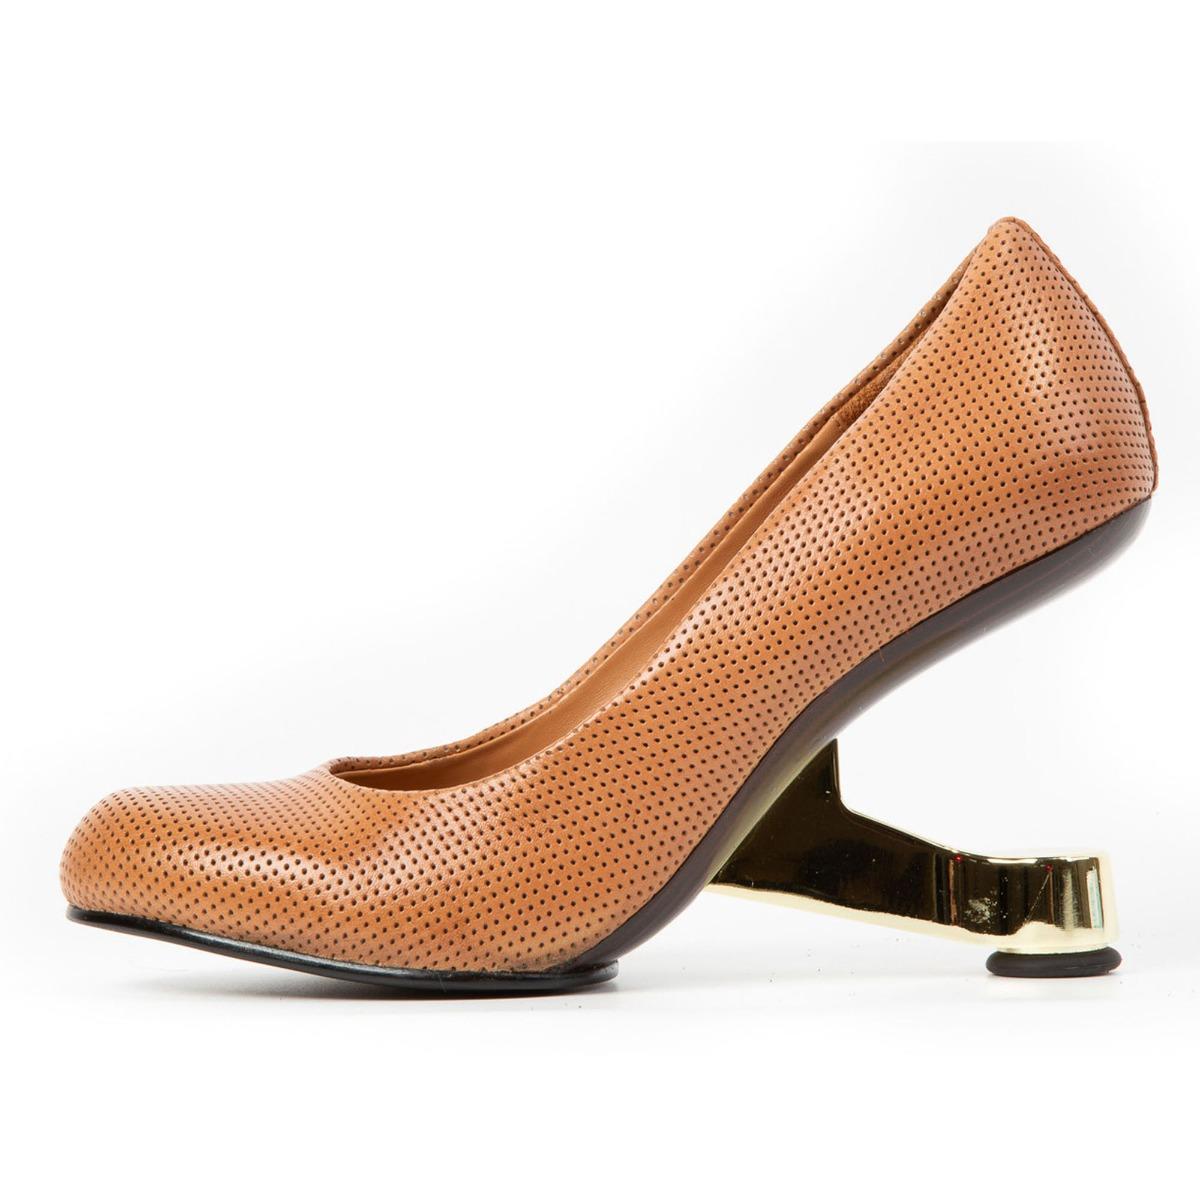 12acf96dd Купить туфли United Nude за 7500 руб. в интернет магазине - бутике с ...